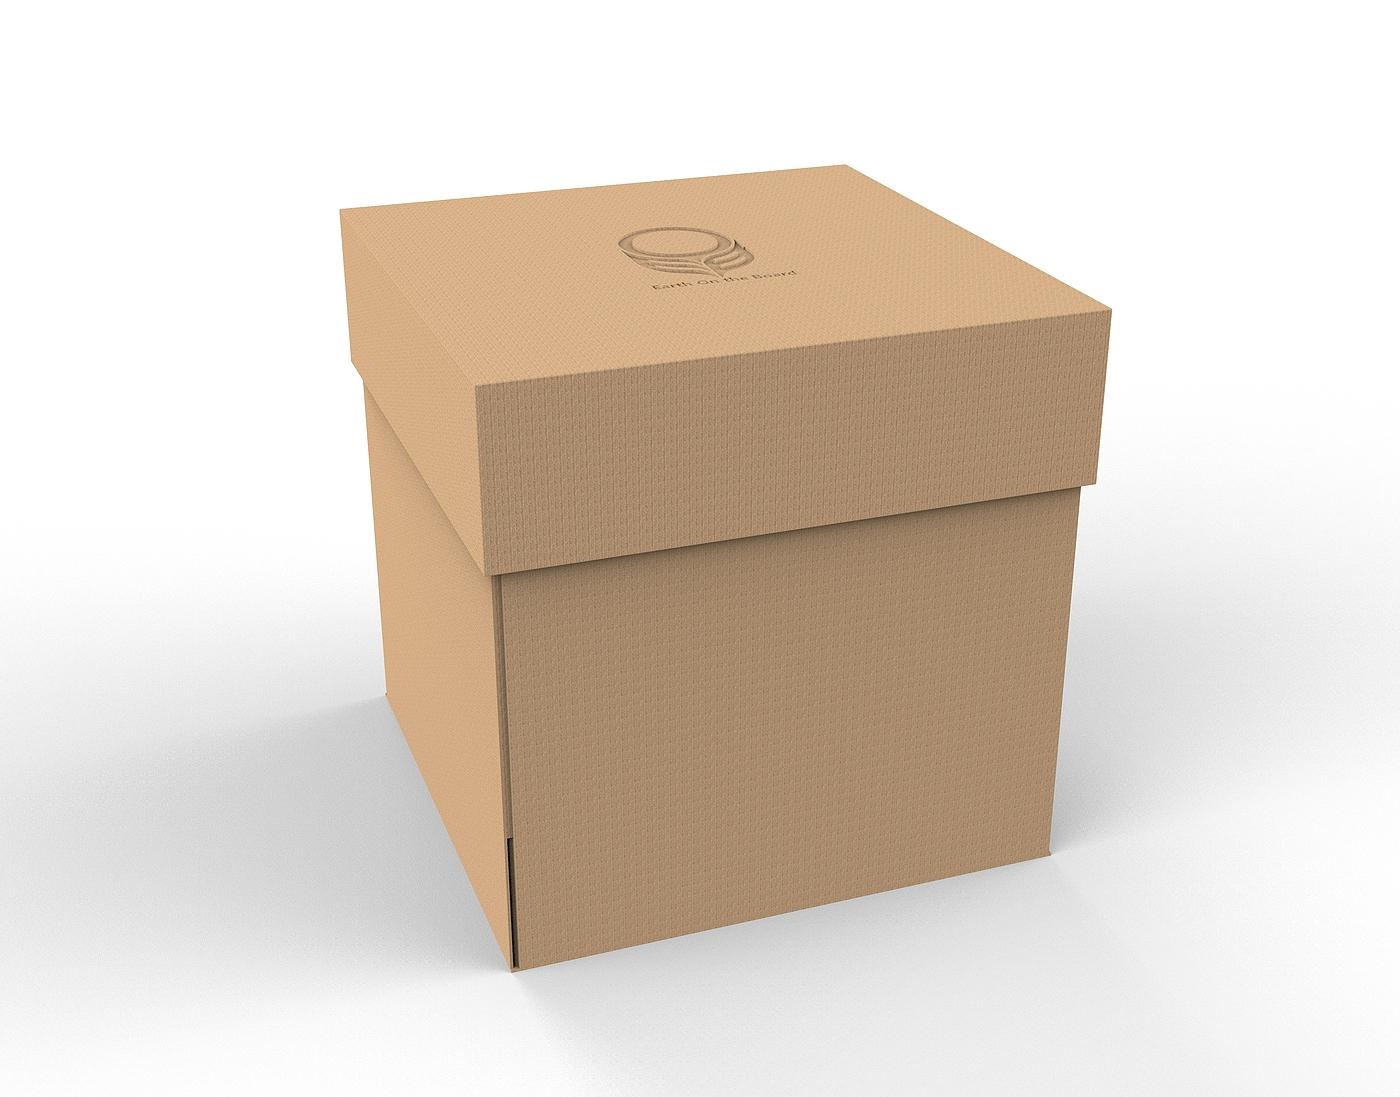 教育型桌游,娱乐,环保,秸秆压缩材料,棋盘自折叠成盒,